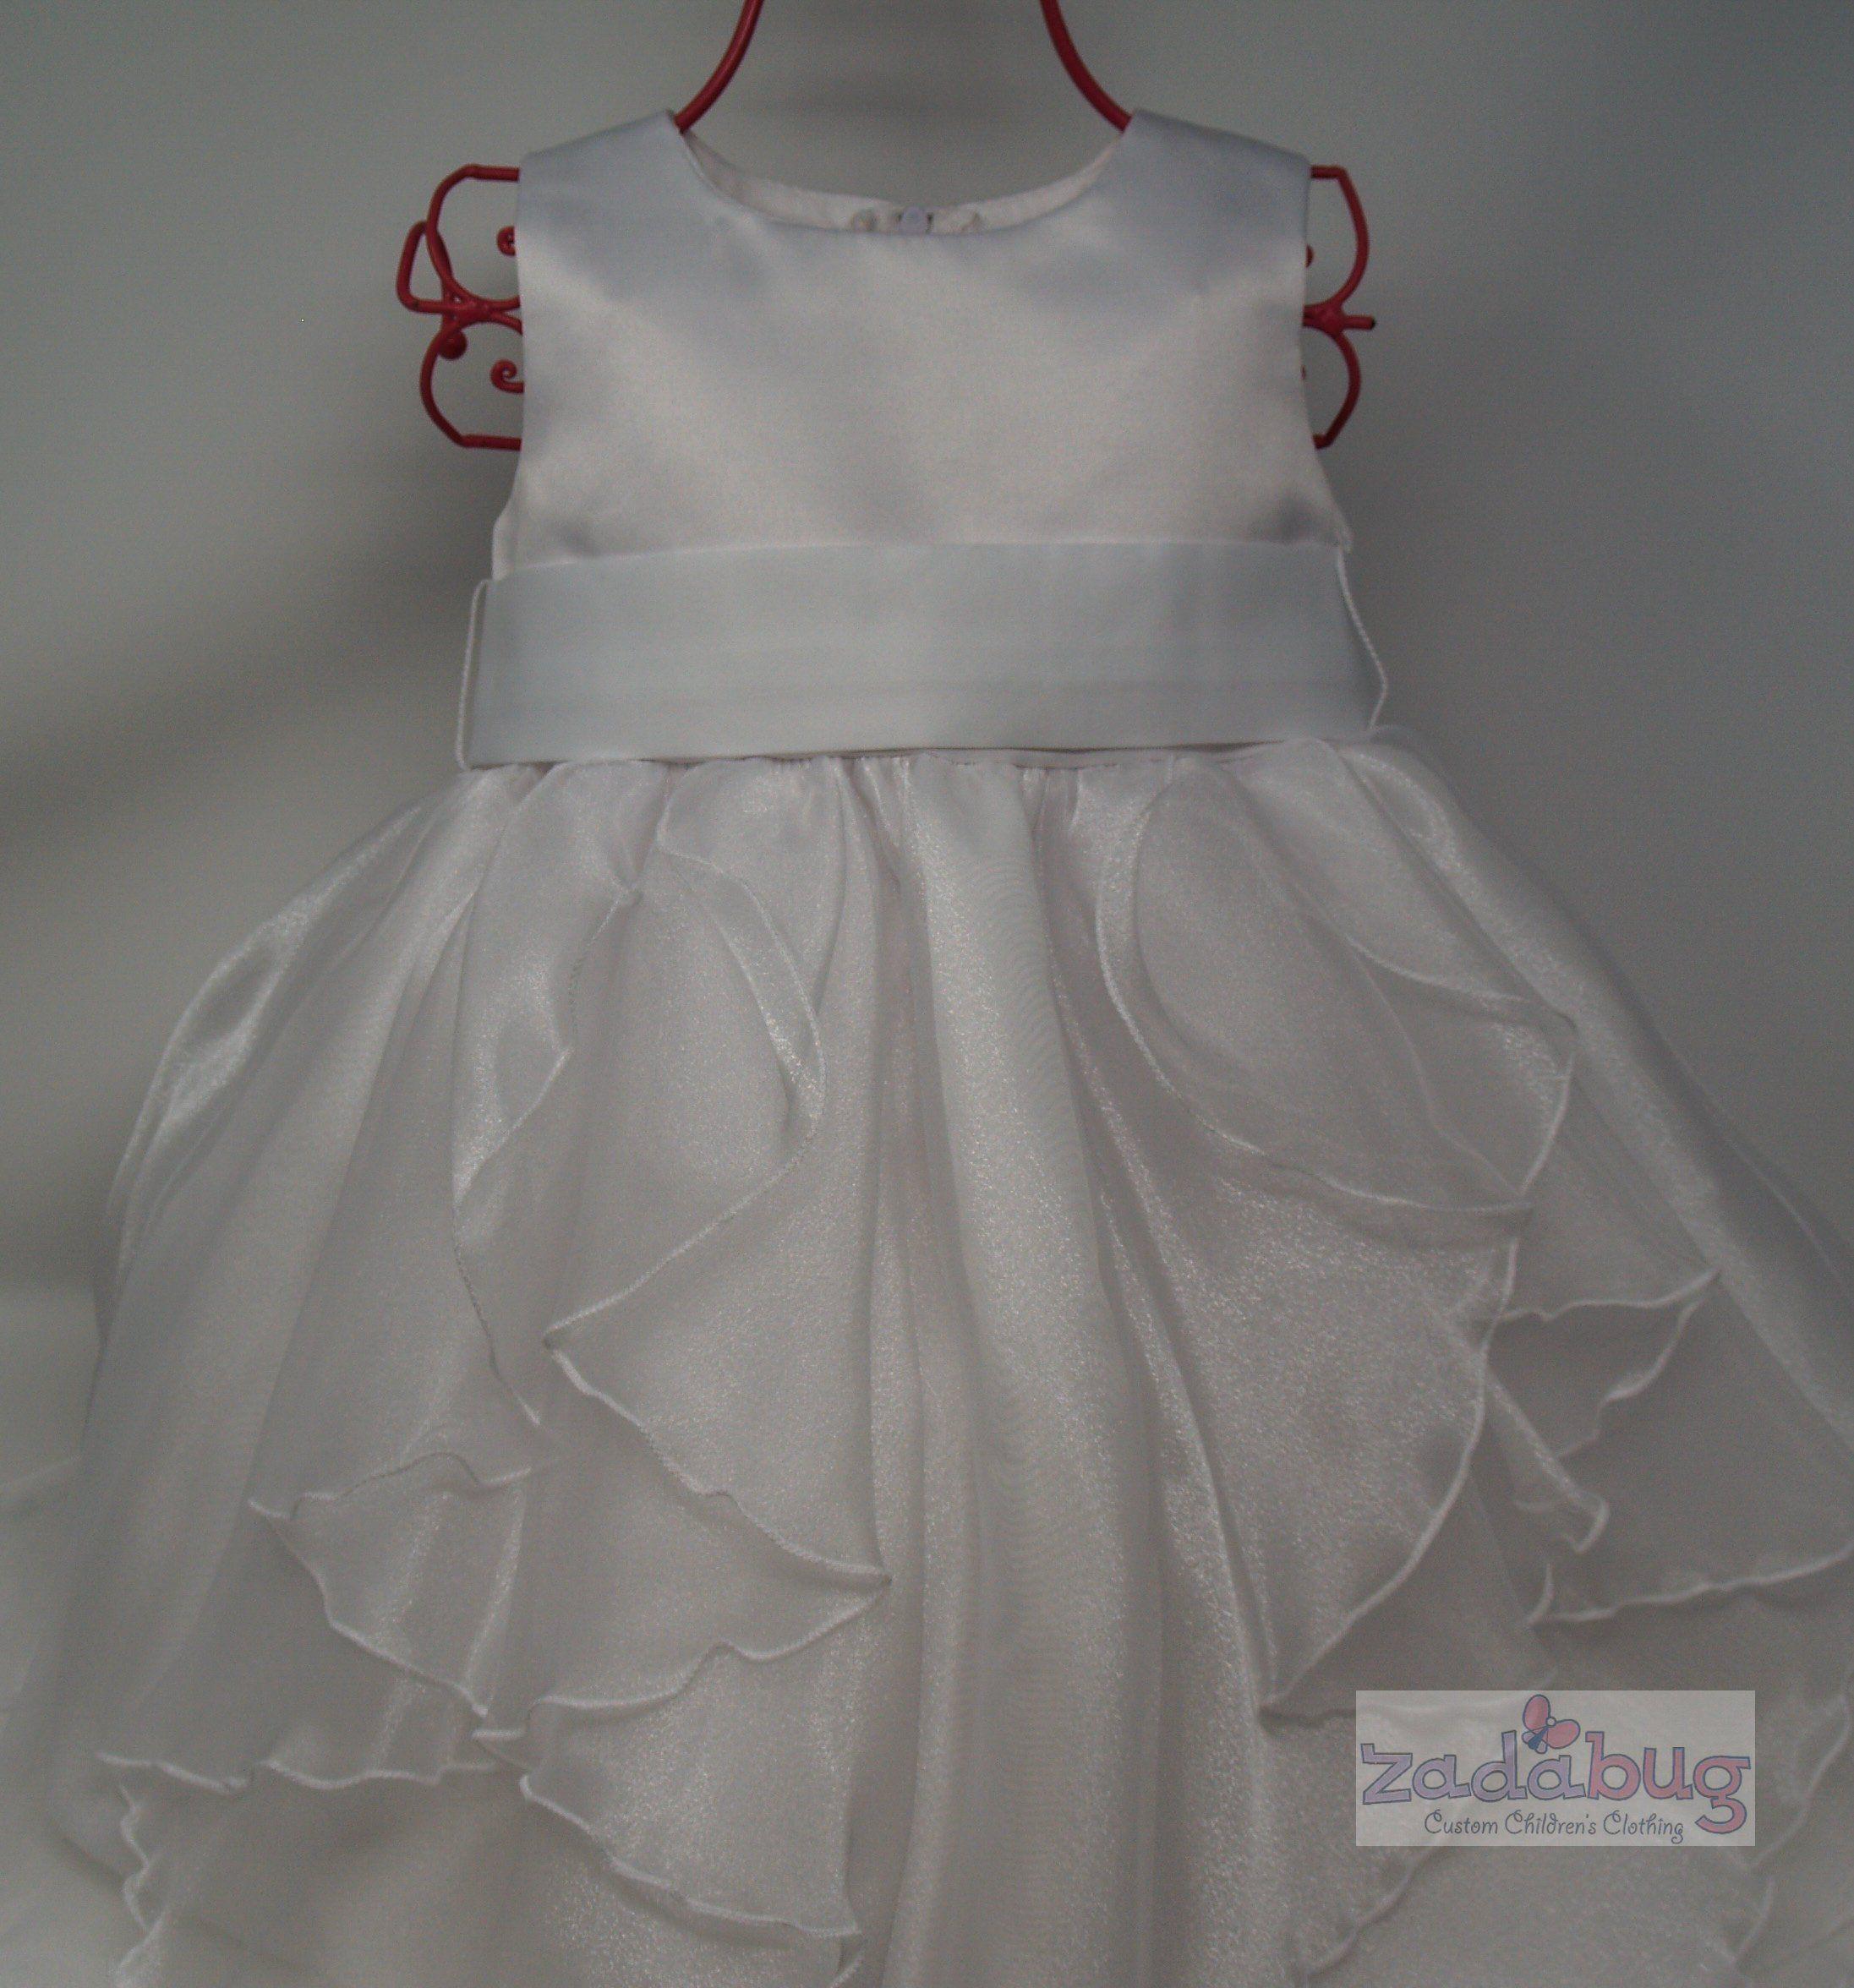 c68c75eebfef9 Toddler Girl White Satin With Crystal Organza and White Satin Bow-Girl s  White Organza Dress